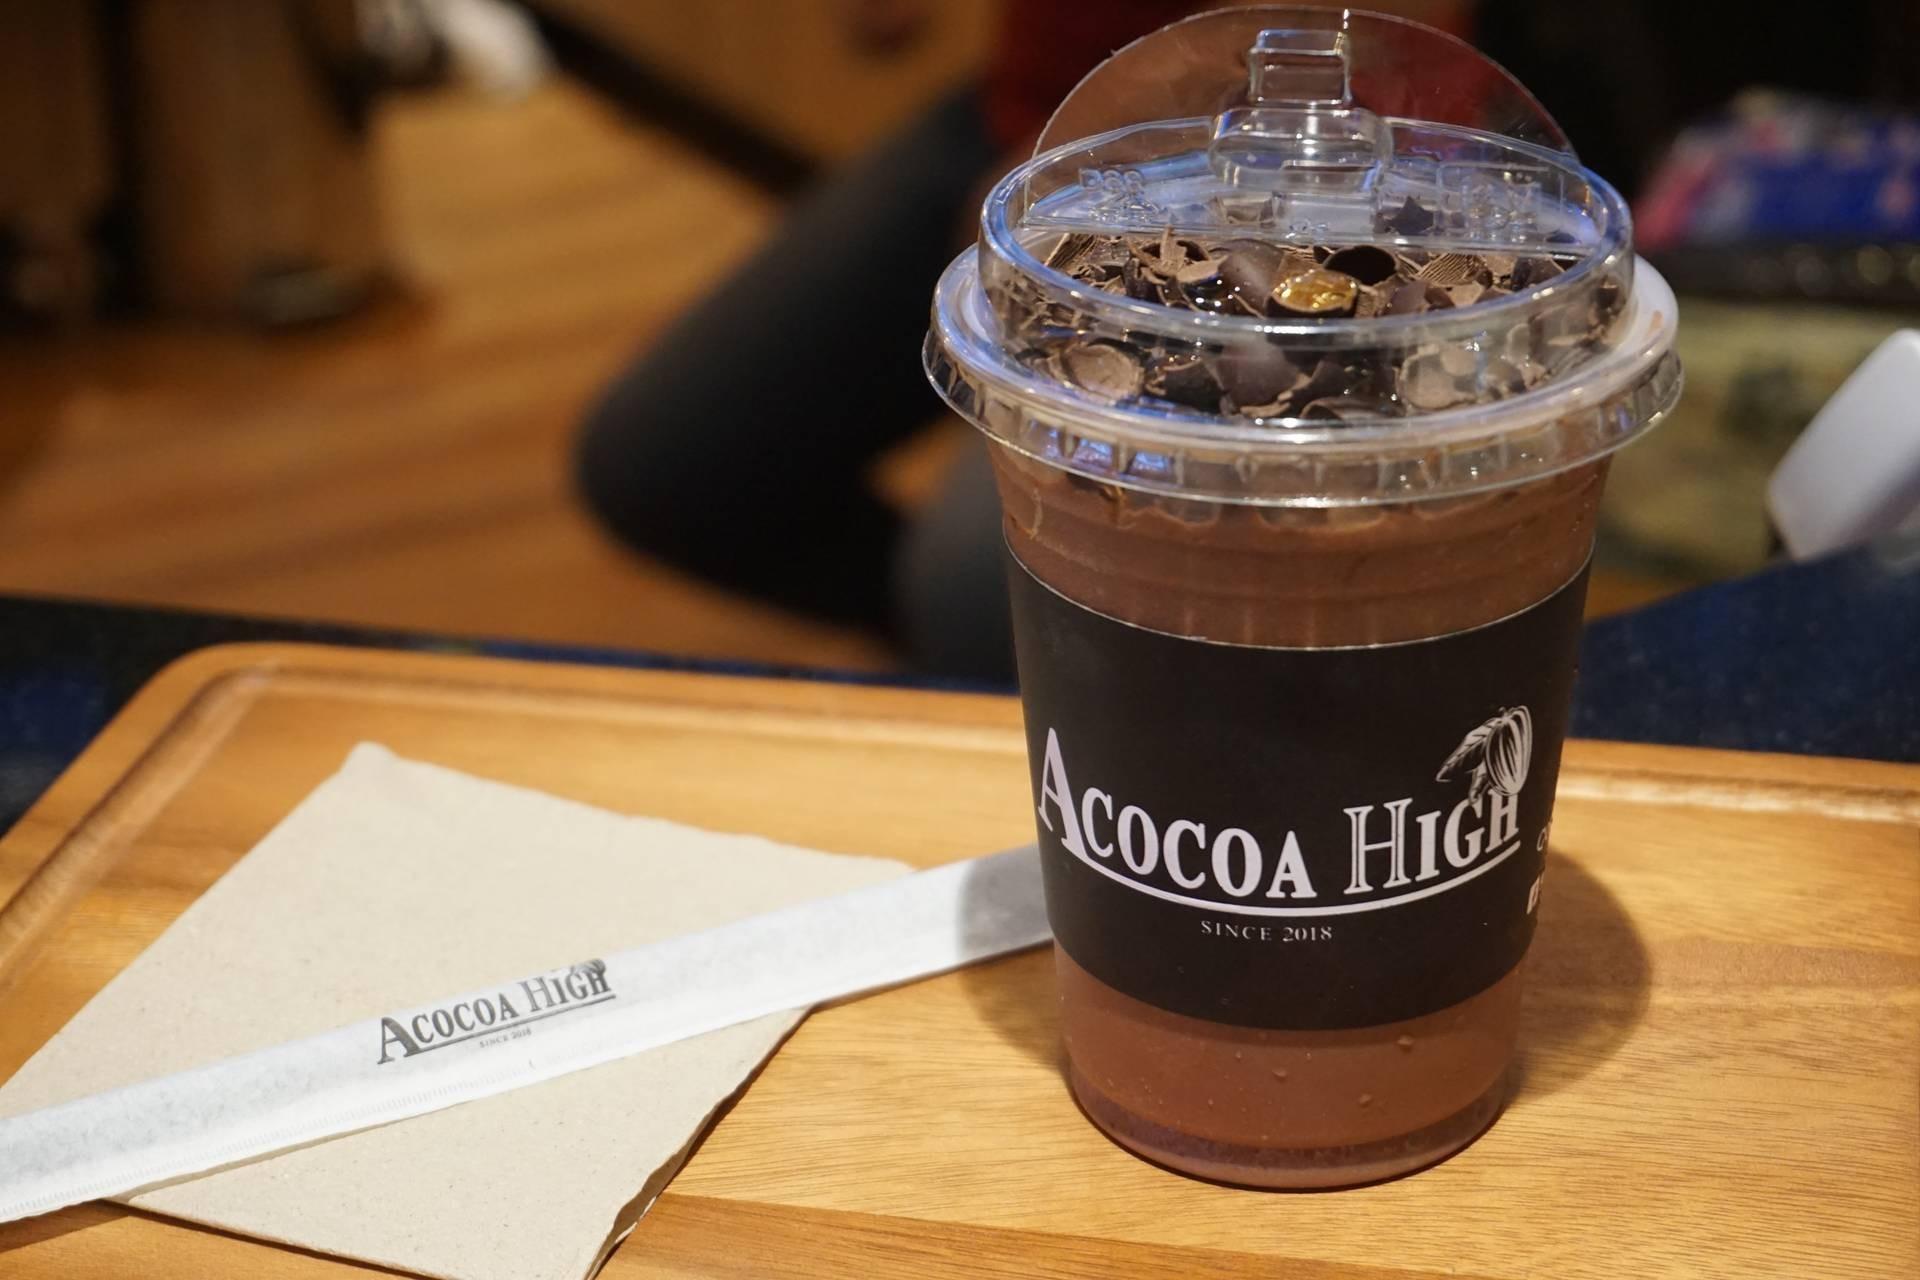 Acocoa High ระยอง